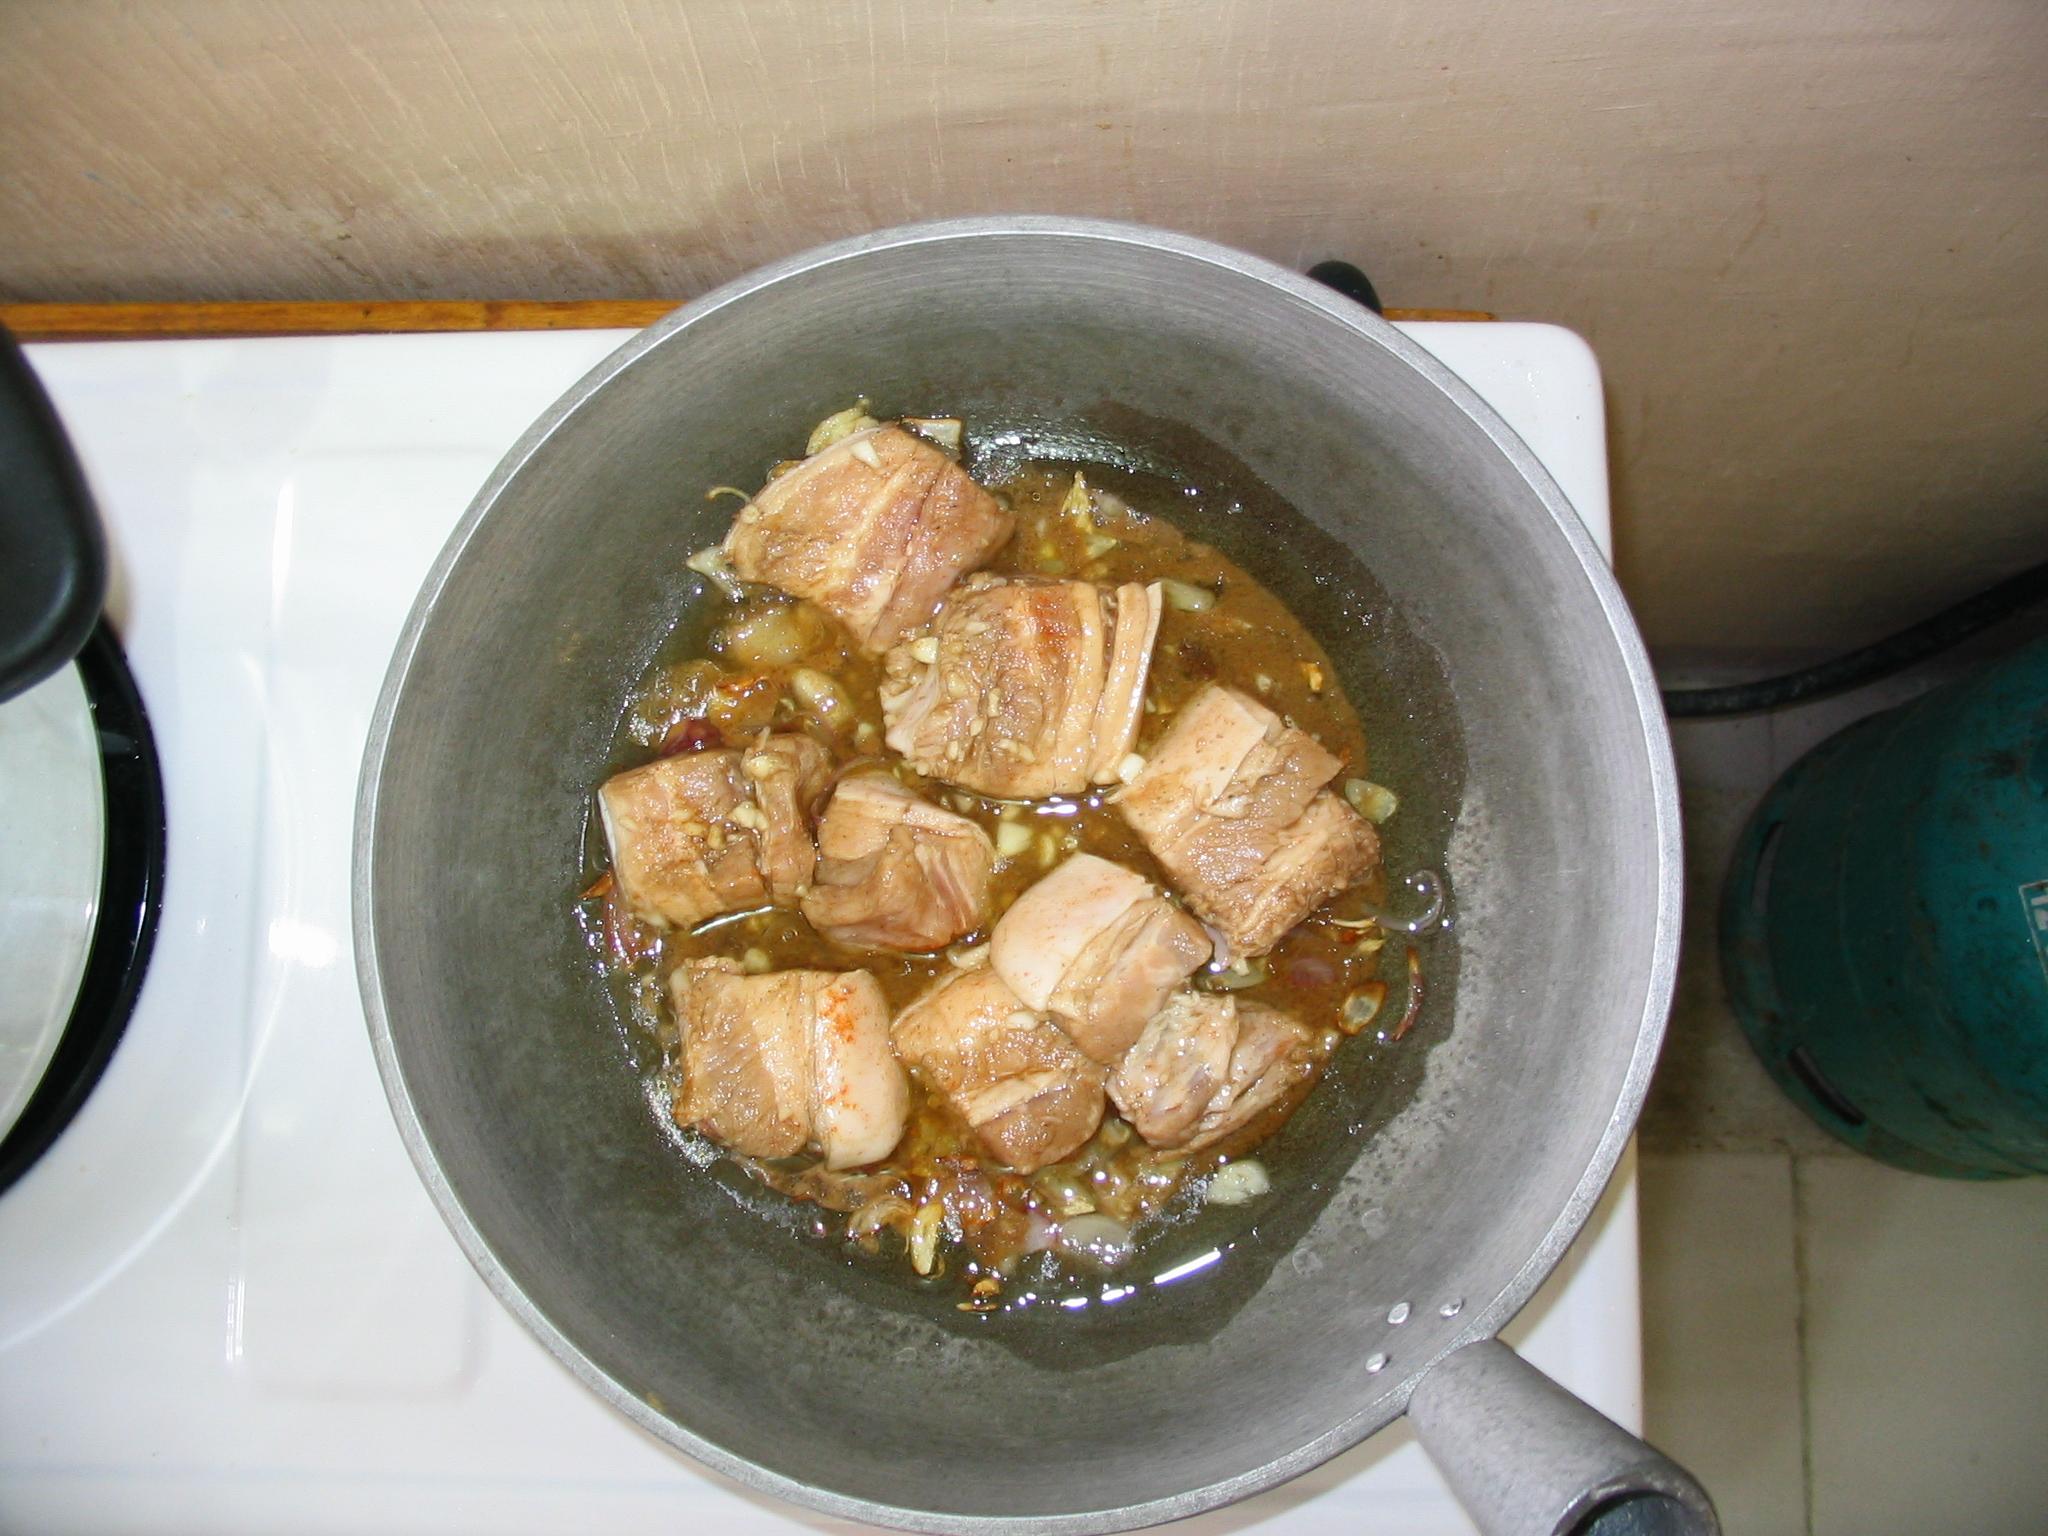 Pork Adobo, ein klassisches Gericht auf den Philippinen